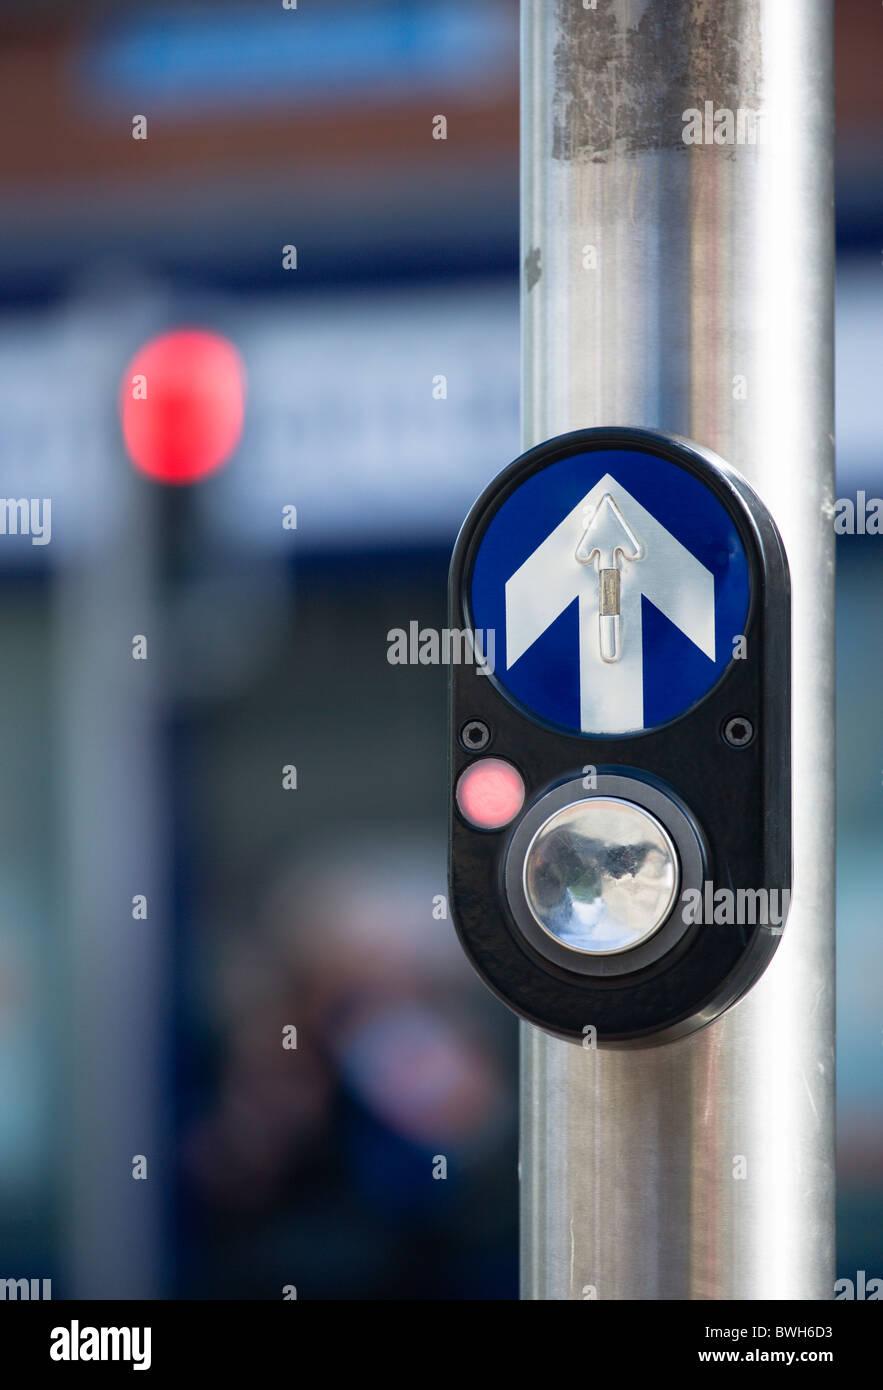 Irland, County Dublin, Dublin City, Ampel geregelte Fußgängerüberweg Schaltfläche mit Halt Rotlicht Stockbild